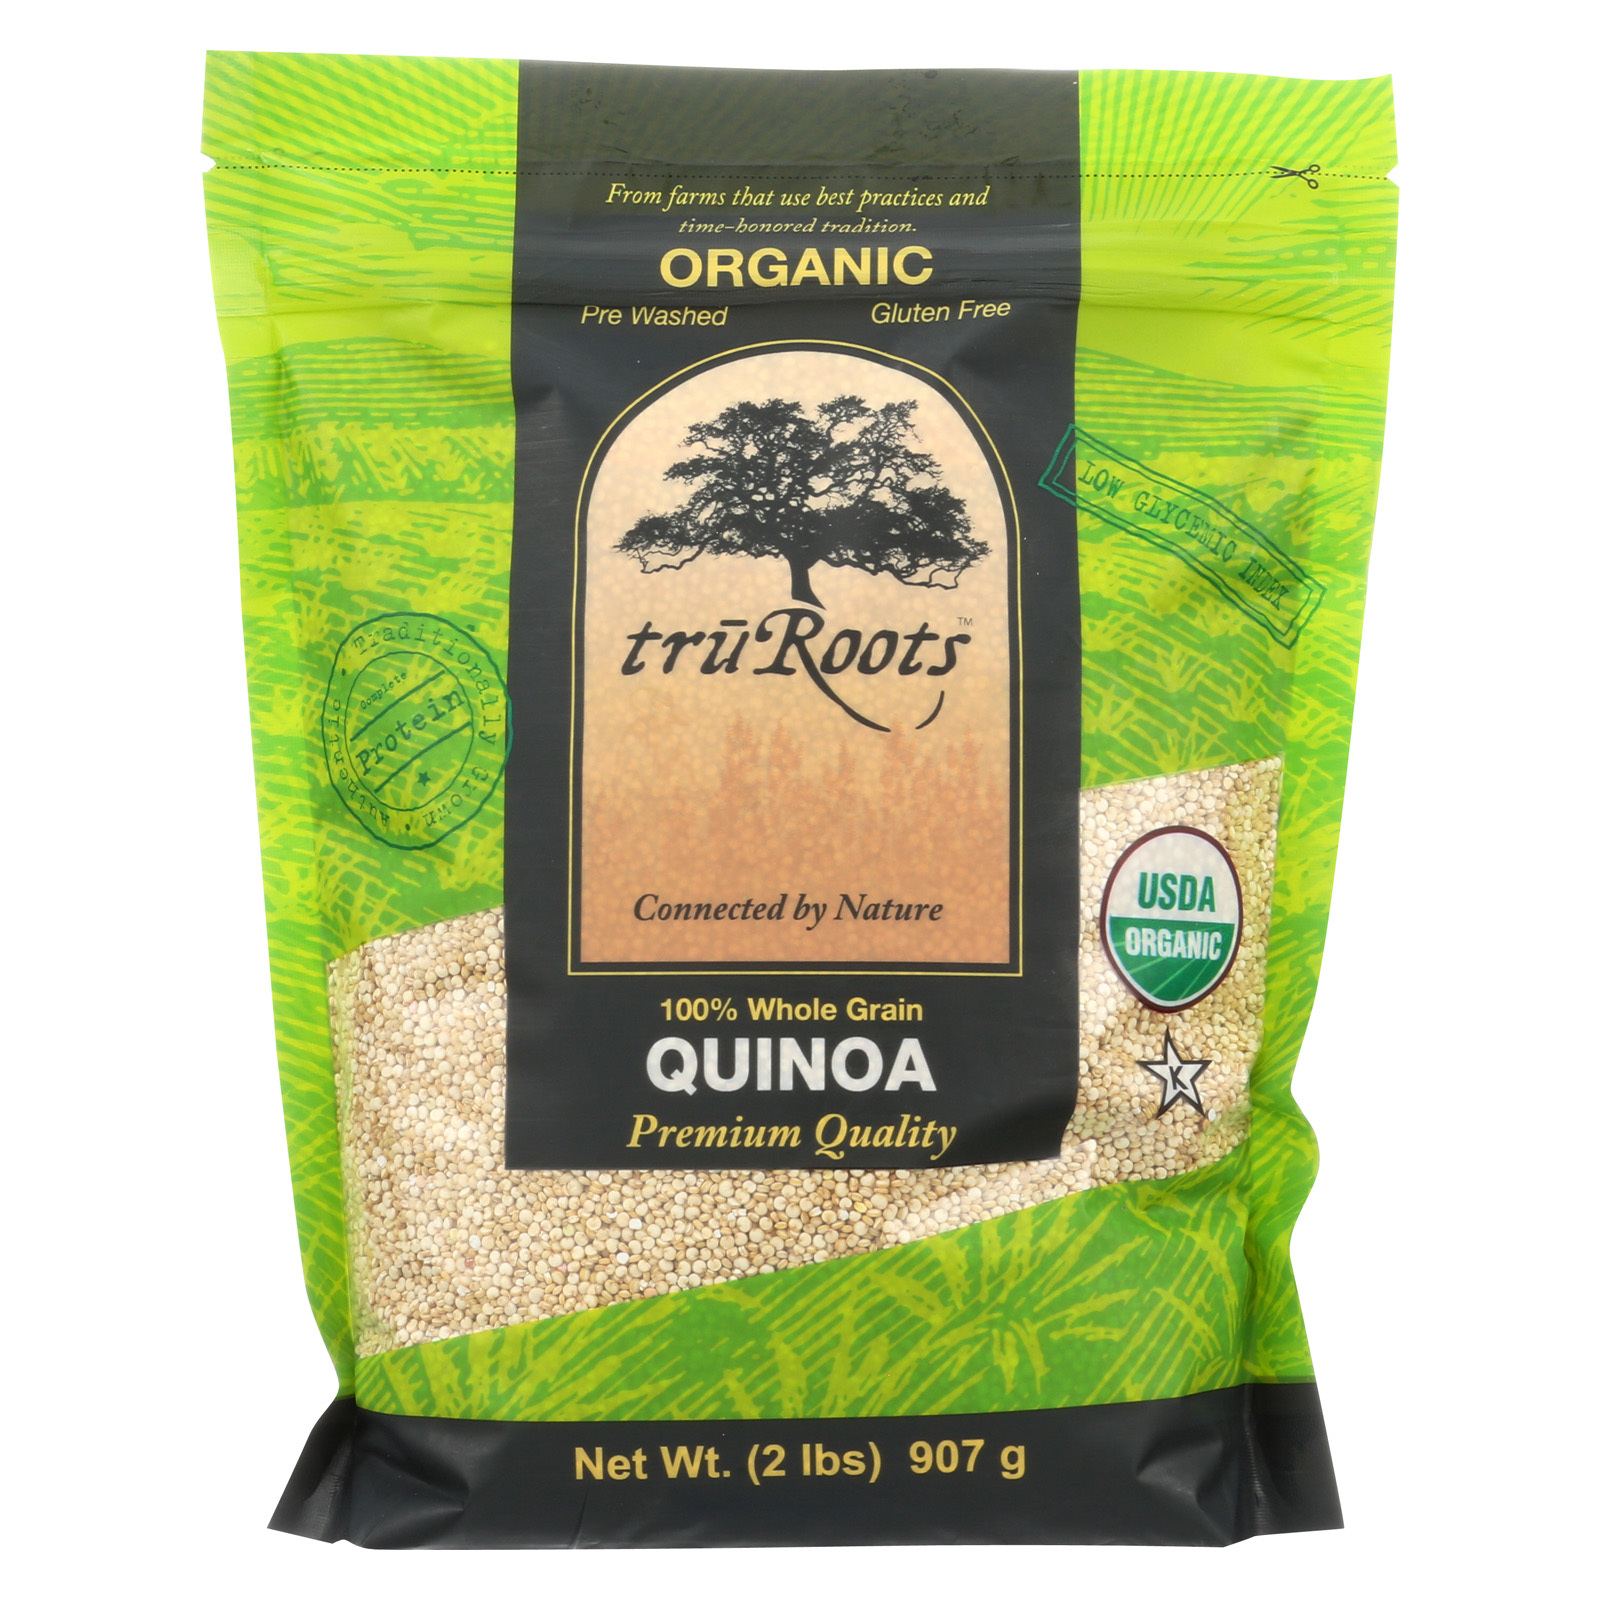 Truroots Organic Quinoa - Whole Grain - Case of 6 - 32 oz.